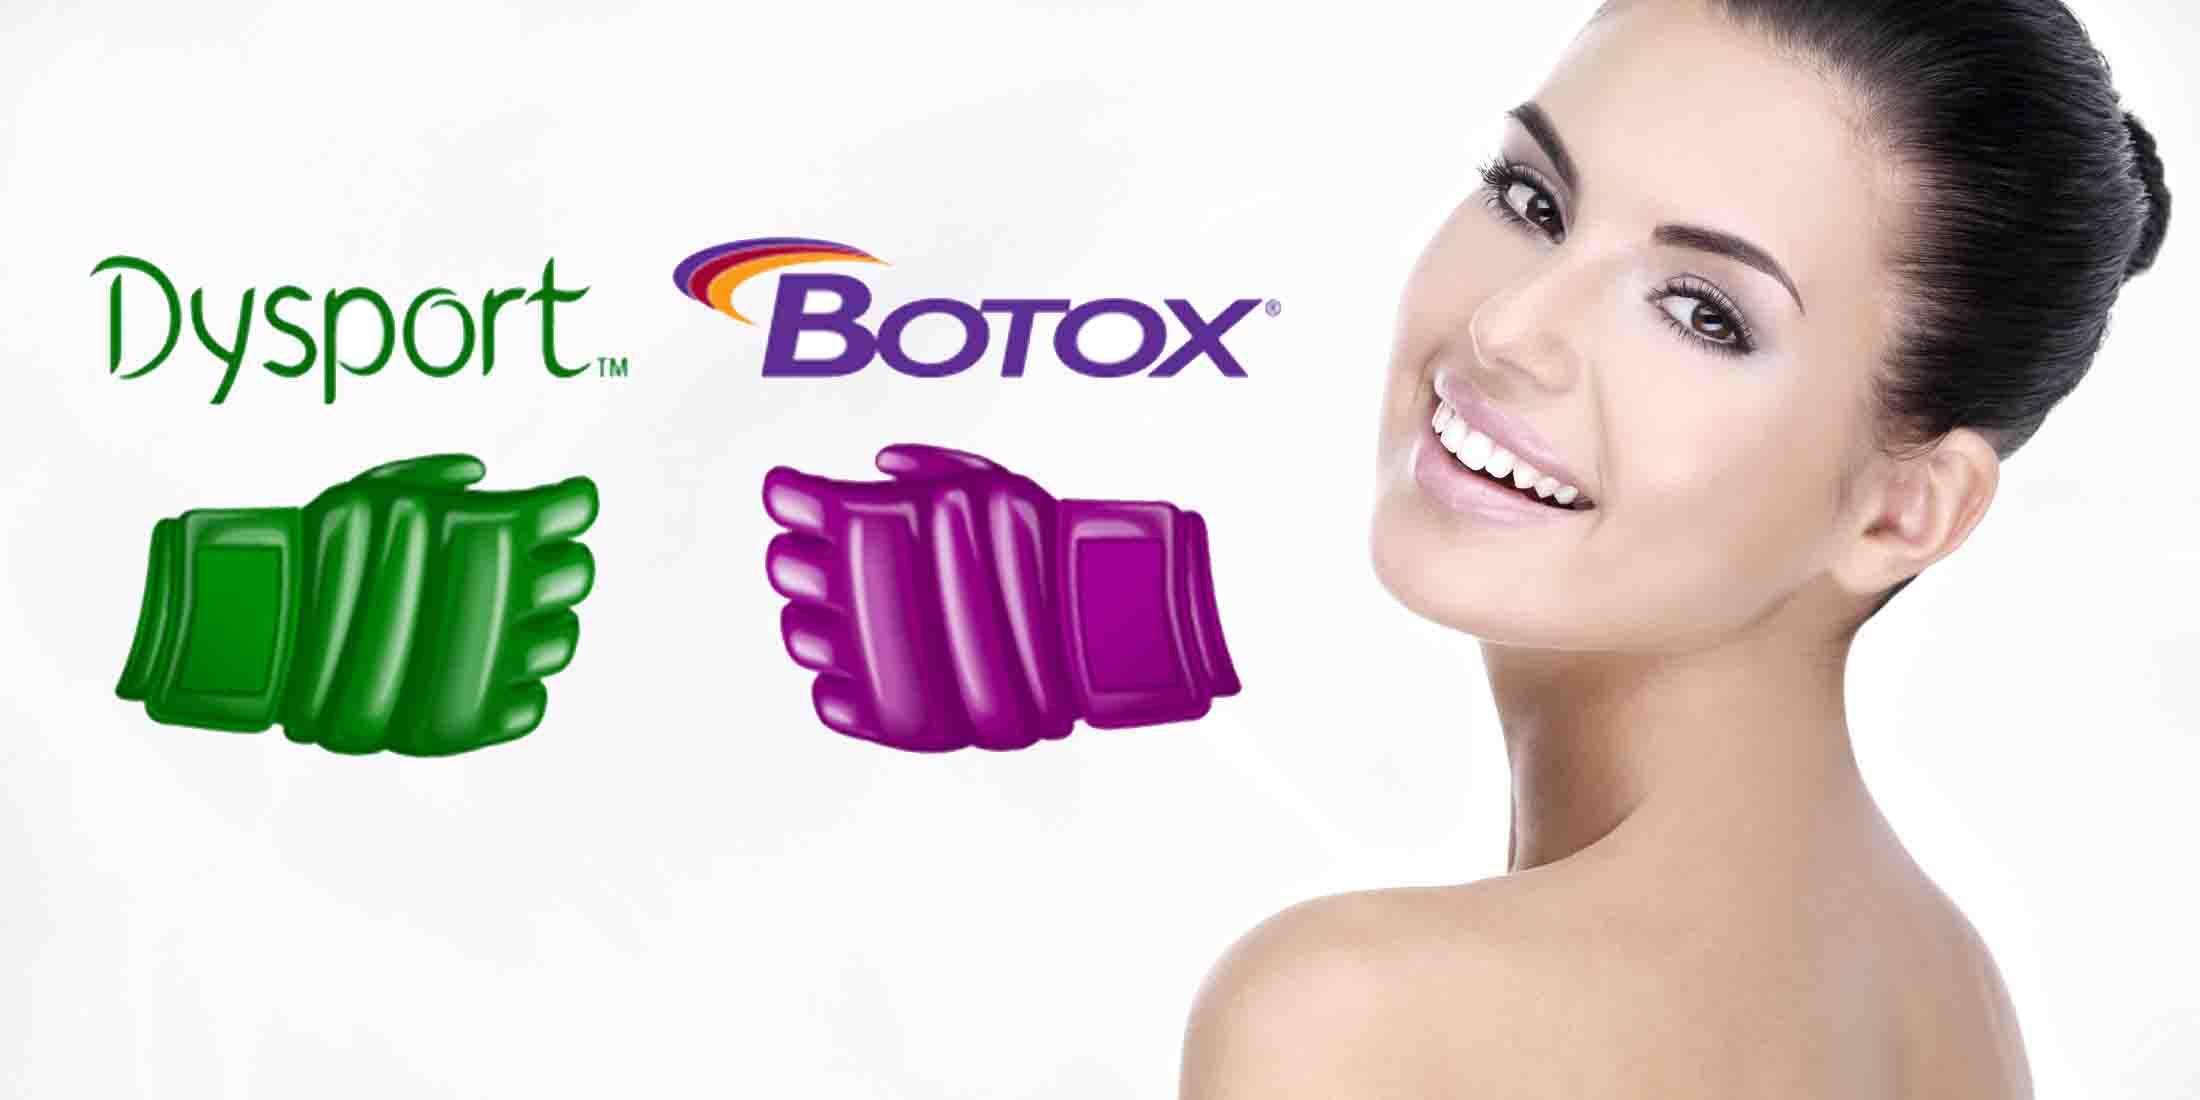 Botox vs Dysport